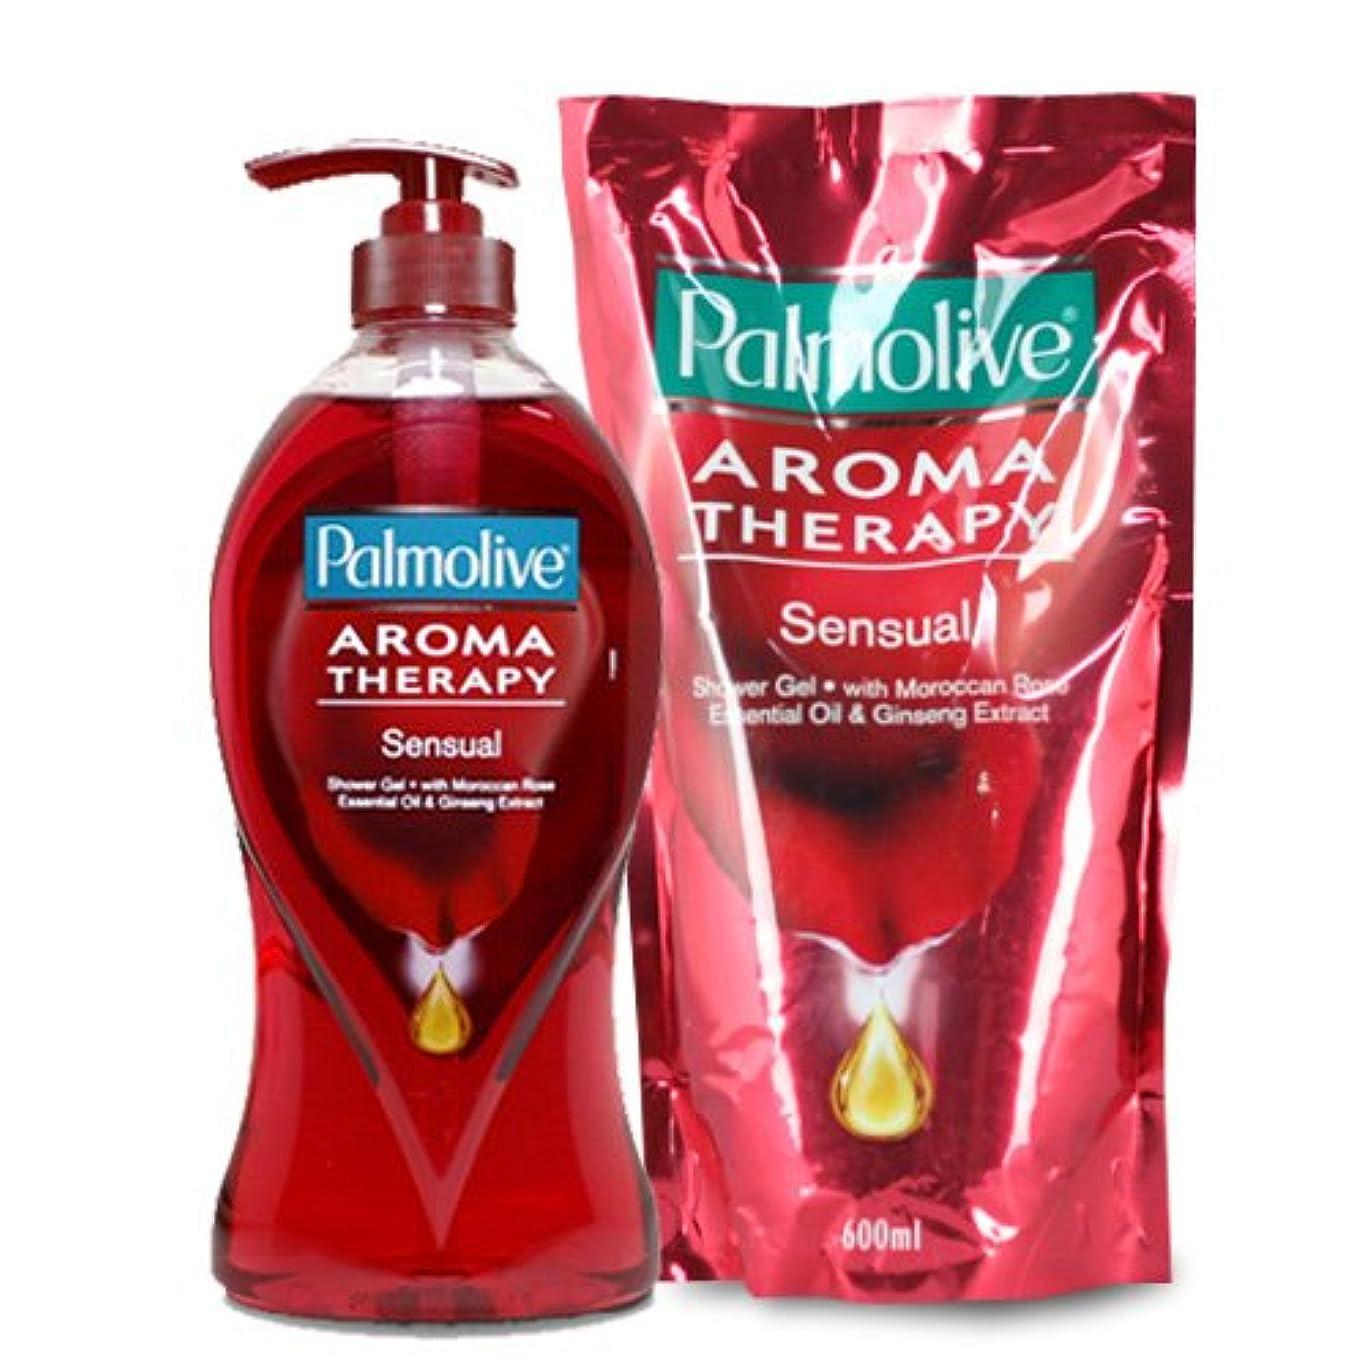 【Palmolive】パルモリーブ アロマセラピーシャワージェル ボトルと詰め替えのセット (センシャル)